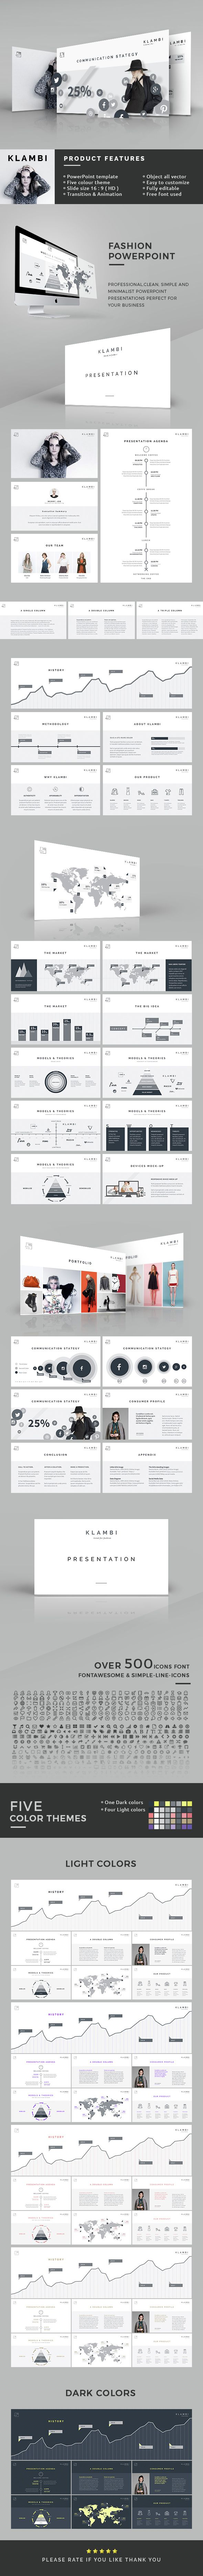 Fashion PowerPoint Template #slides Download: http://graphicriver.net/item/fashion-powerpoint-template/14491503?ref=ksioks